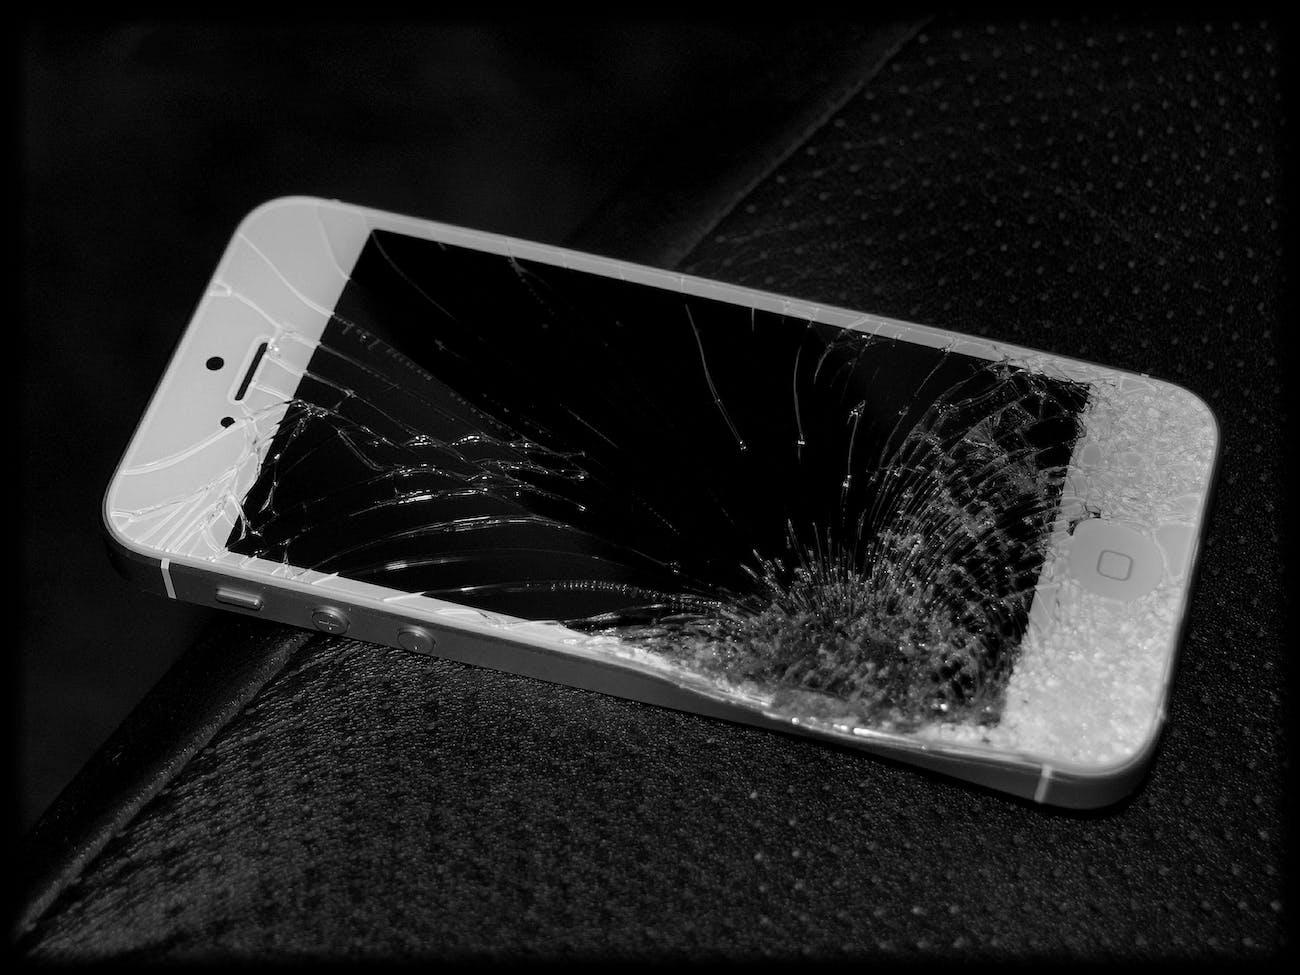 Demolished iPhone5